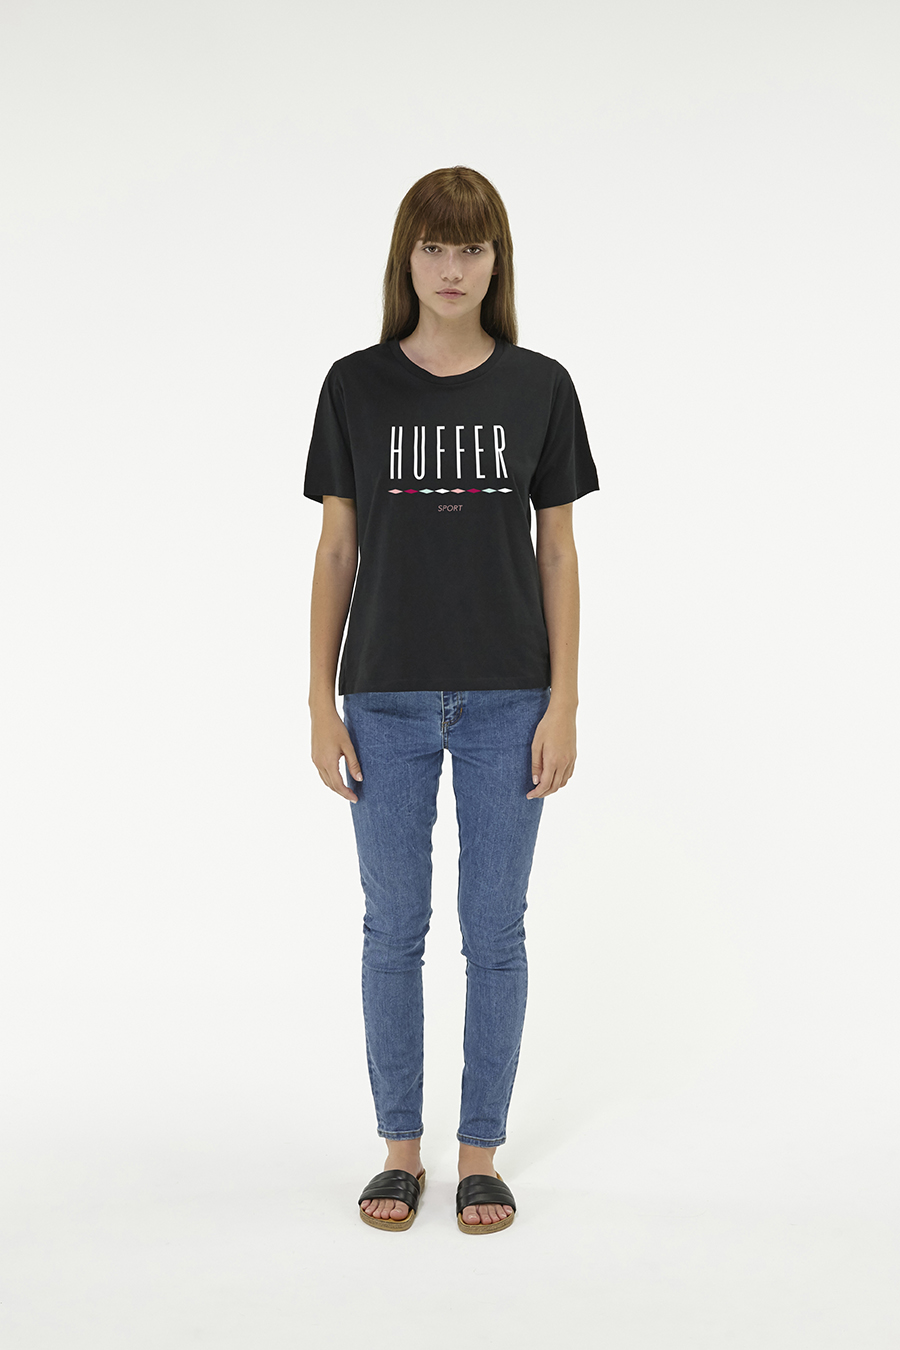 Huffer_Q3-16_W-Stella-Tee-DIAMOND_Black-01